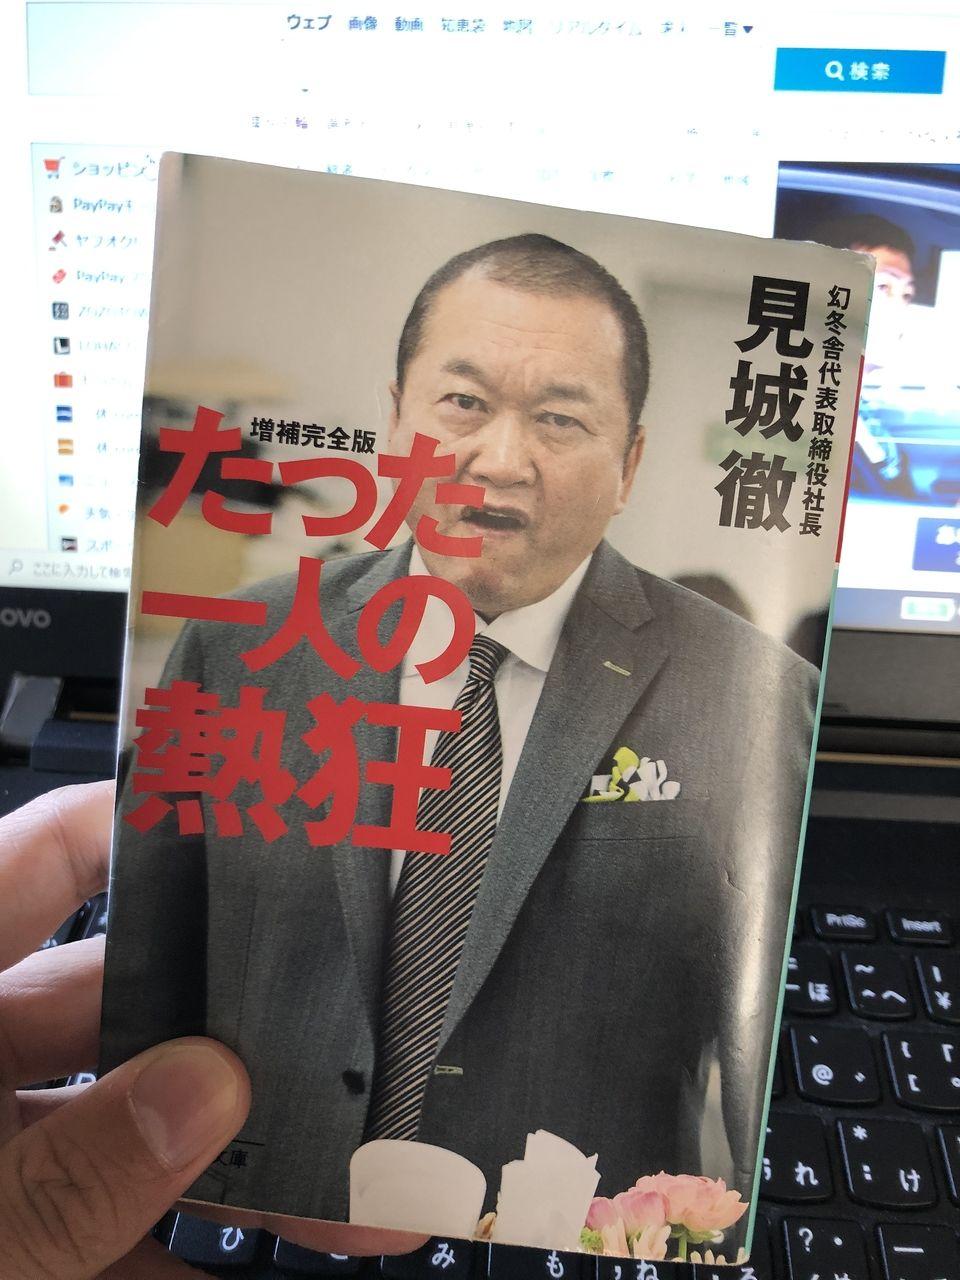 幻冬舎社長で清水南高校出身の見城徹さんの著書「たった一人の熱狂」